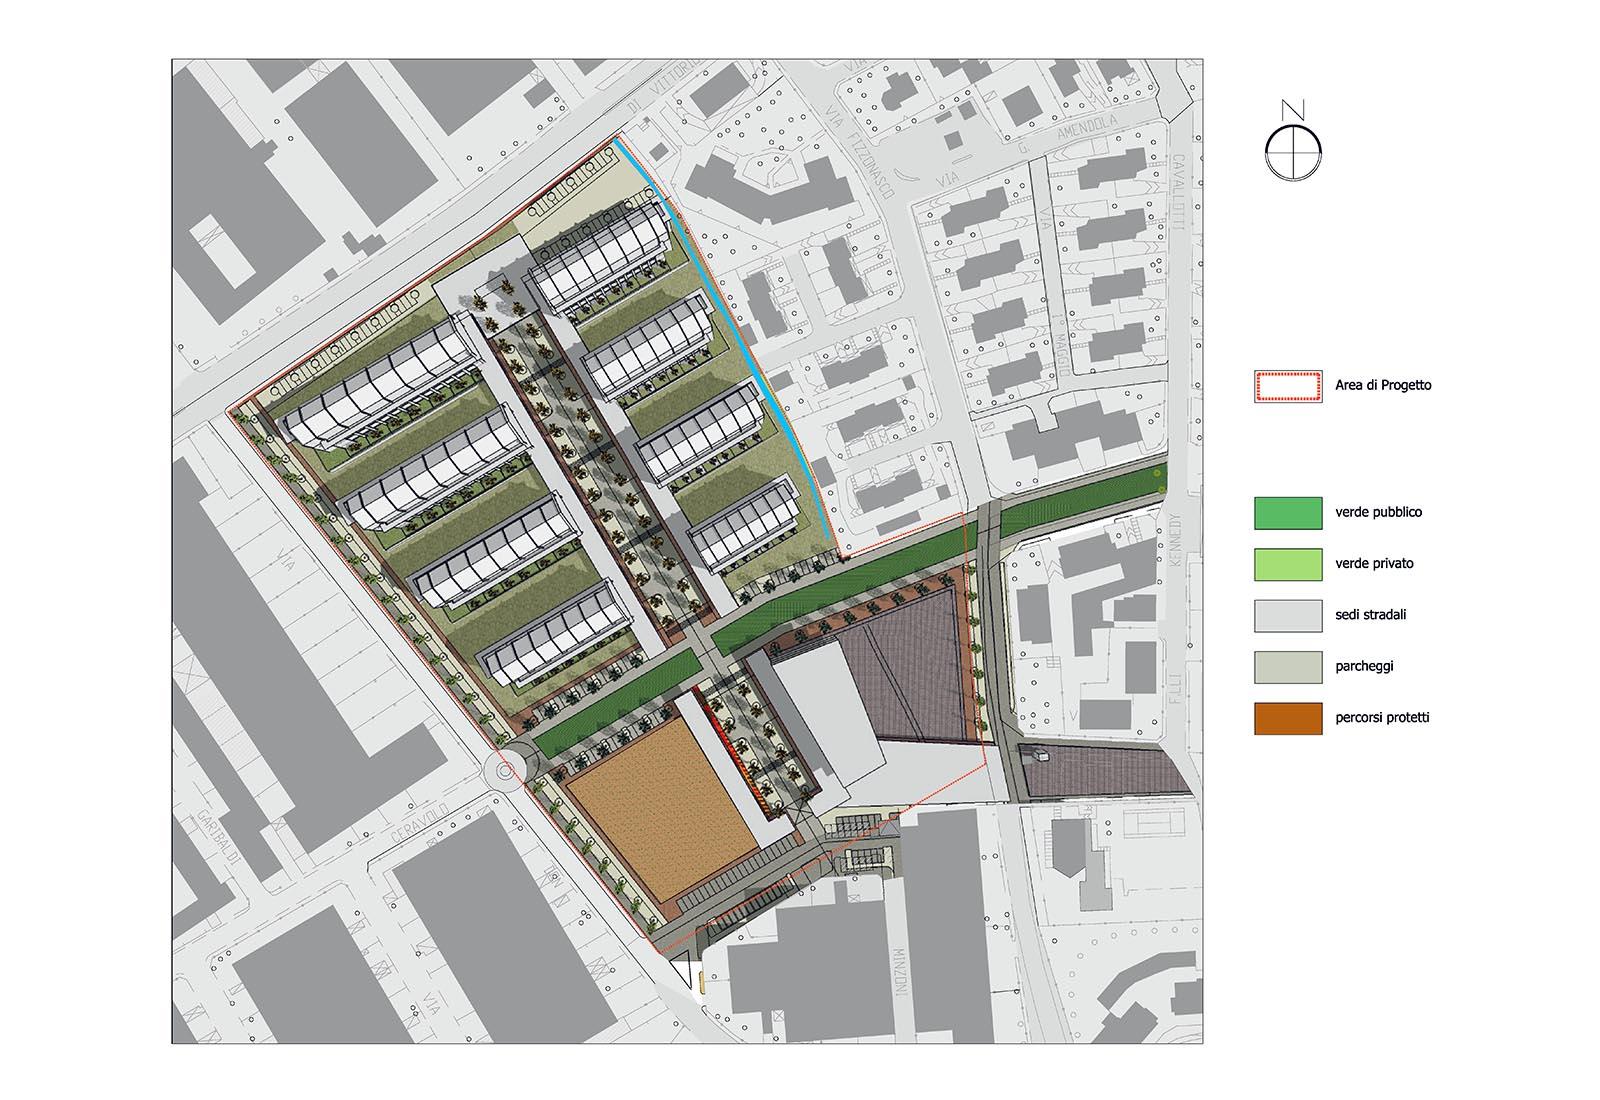 PII Fizzonasco - Planimetria generale di progetto